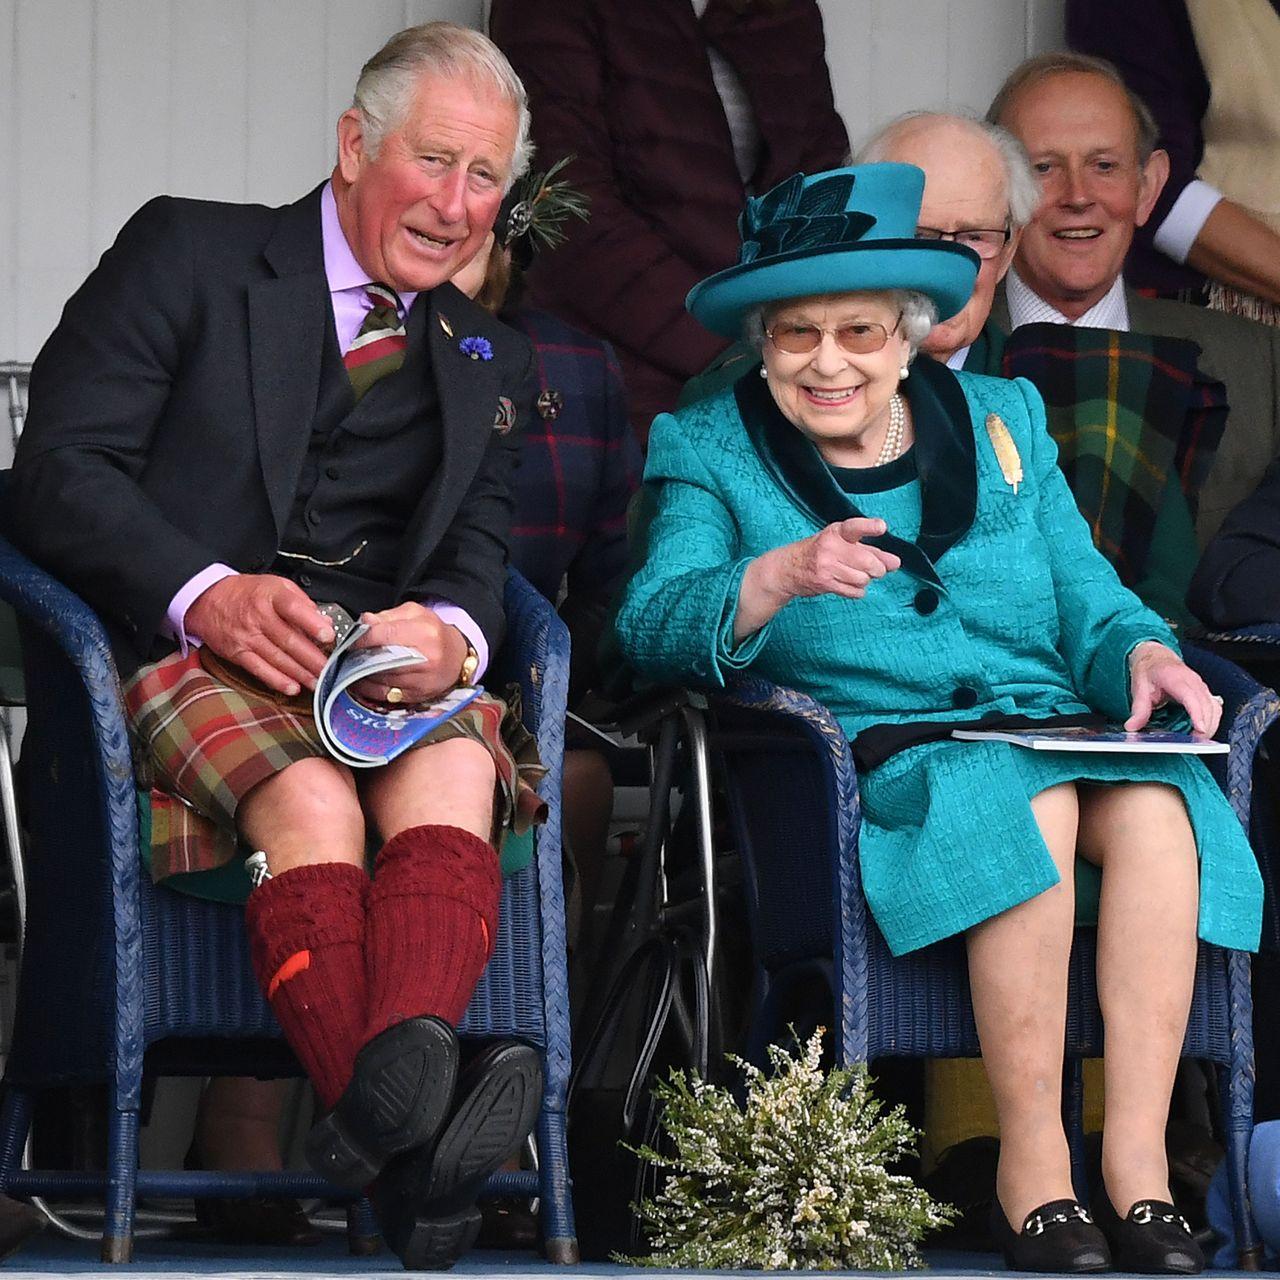 W rodzinie królewskiej będzie w tym roku dużo śmiechu, gdy rozpakują prezenty